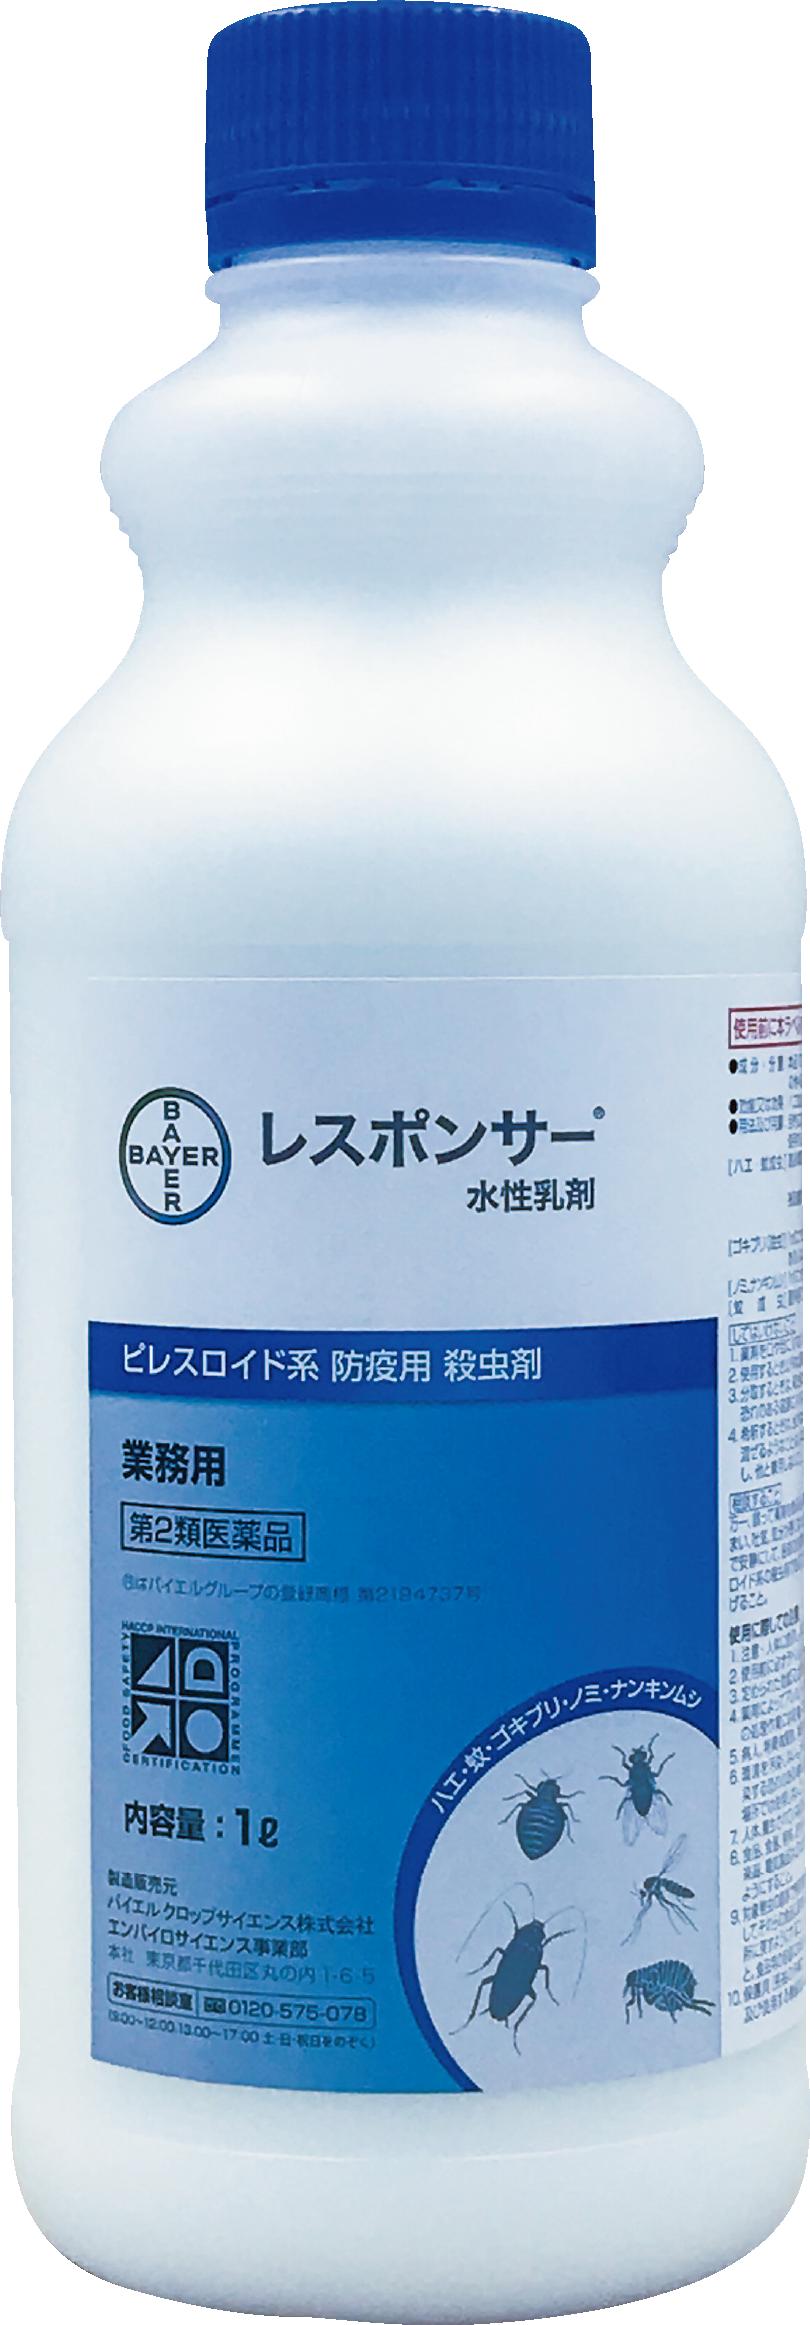 レスポンサー水性乳剤